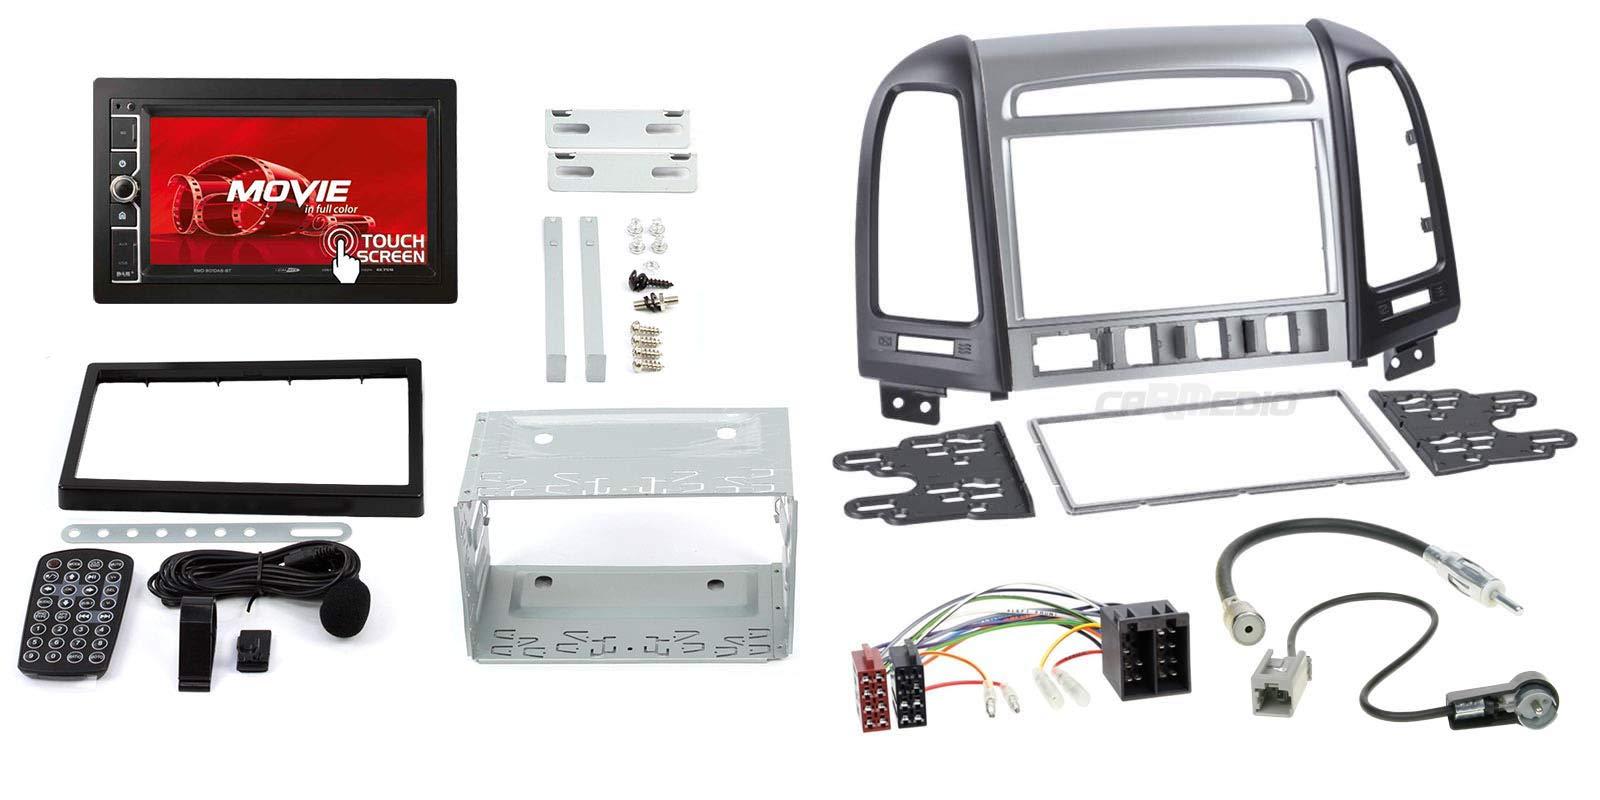 Hyundai-Santa-Fe-cm-ab-11-2-DIN-Autoradio-62-Touchscreen-und-Einbauset-in-original-PlugPlay-Qualitt-mit-Antennenadapter-Radioanschlusskabel-Zubehr-und-Radioblende-Einbaurahmen-schwarz-Silber